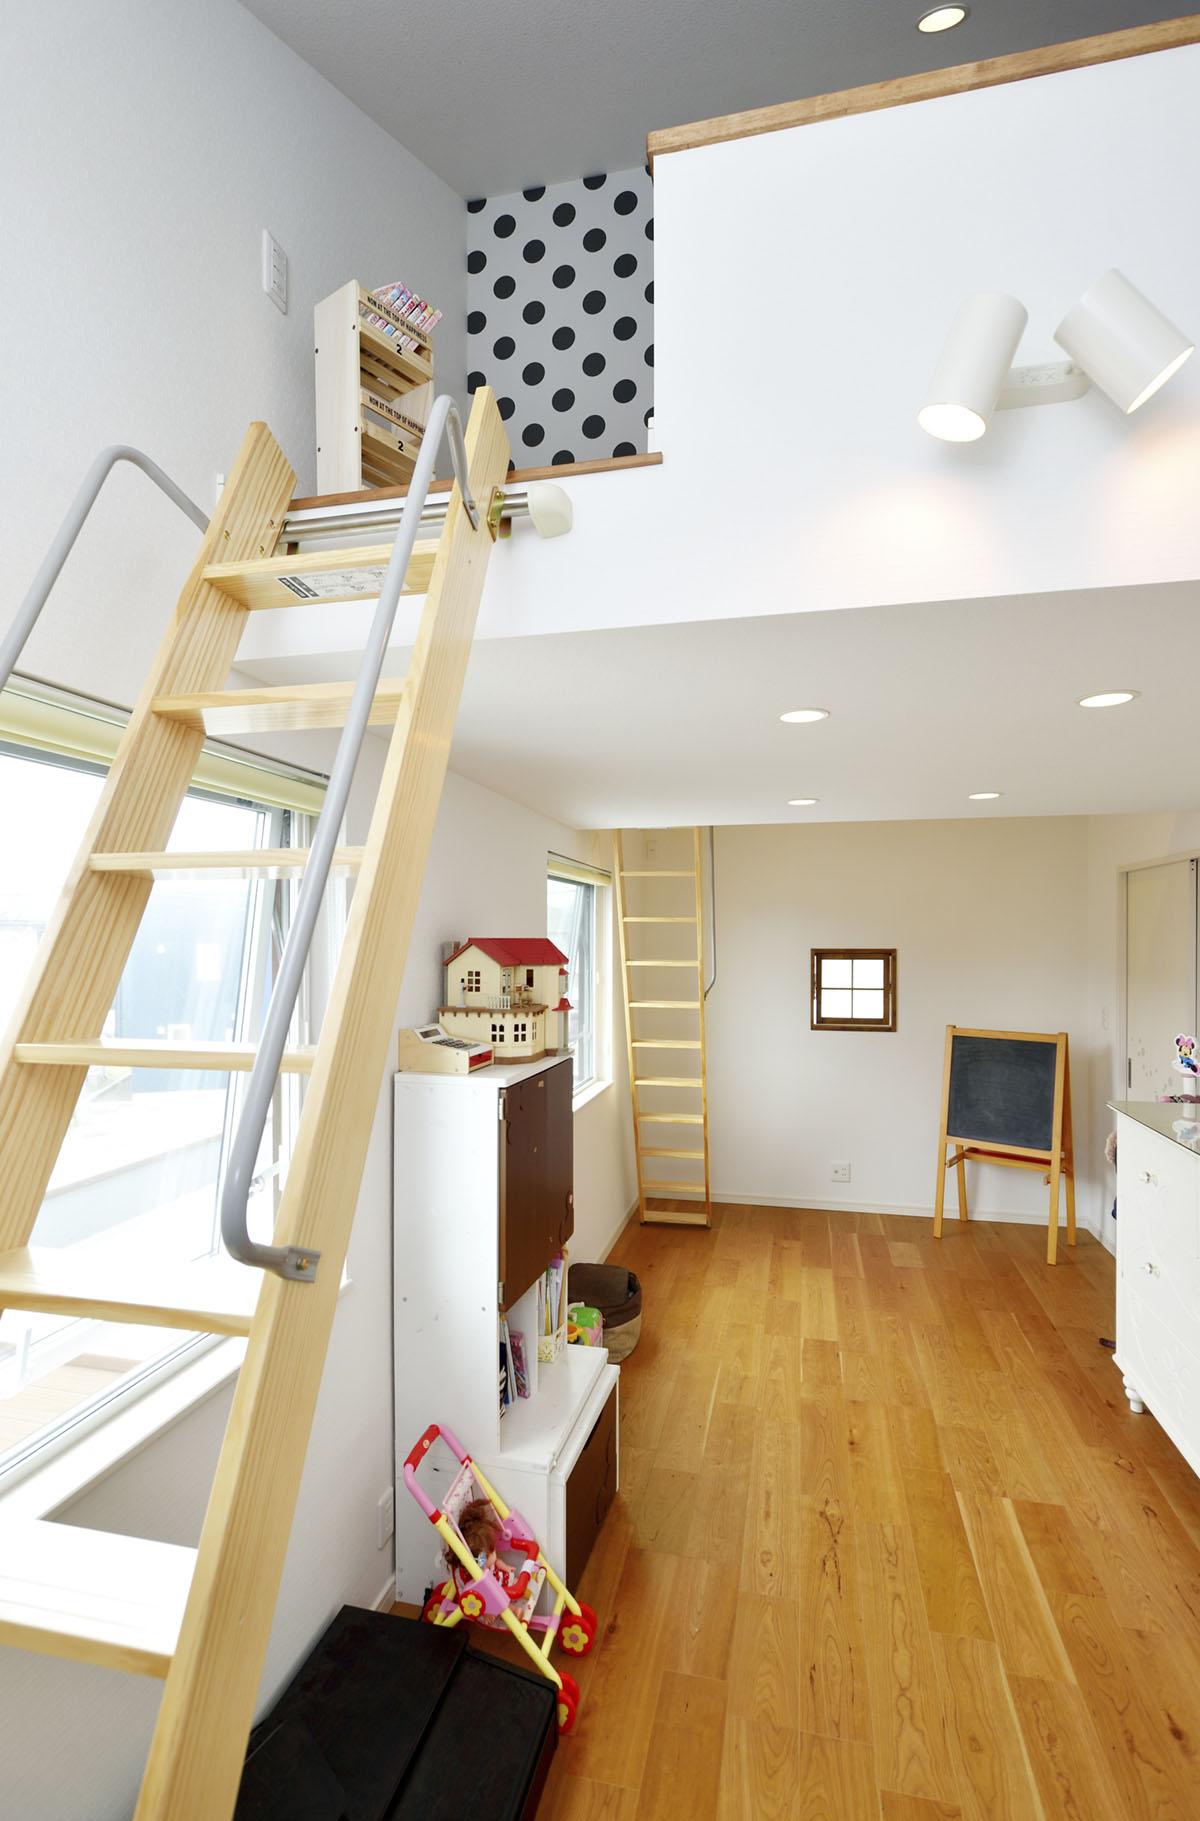 ロフトで仕切られた子ども部屋。ひとつの空間でありながらプライバシーを守る、秘密基地のような楽しい部屋になりました。